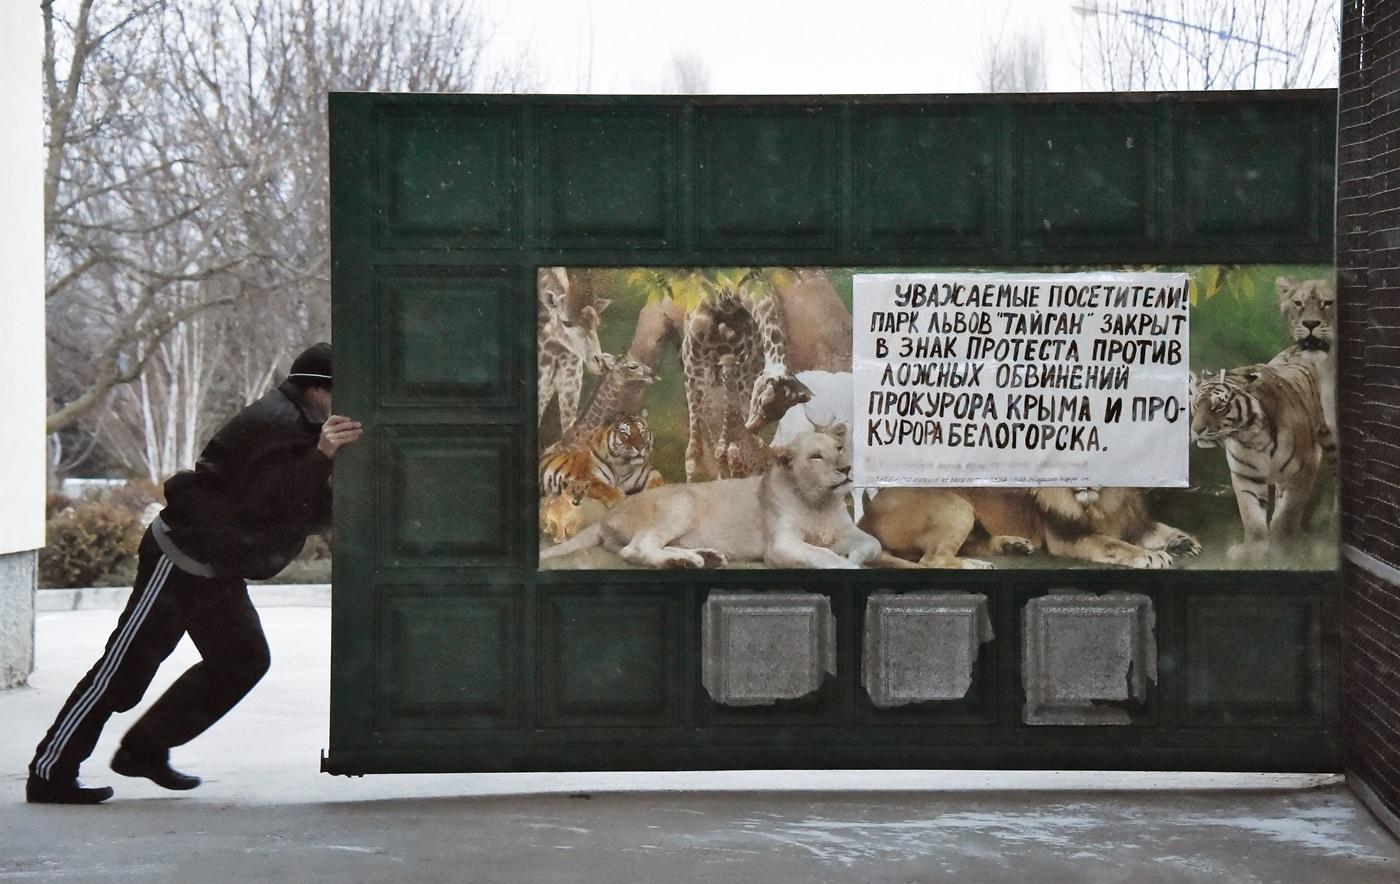 Укротитель львов ивраг «Единой России»: Олег Зубков озакрытии своего парка «Тайган»